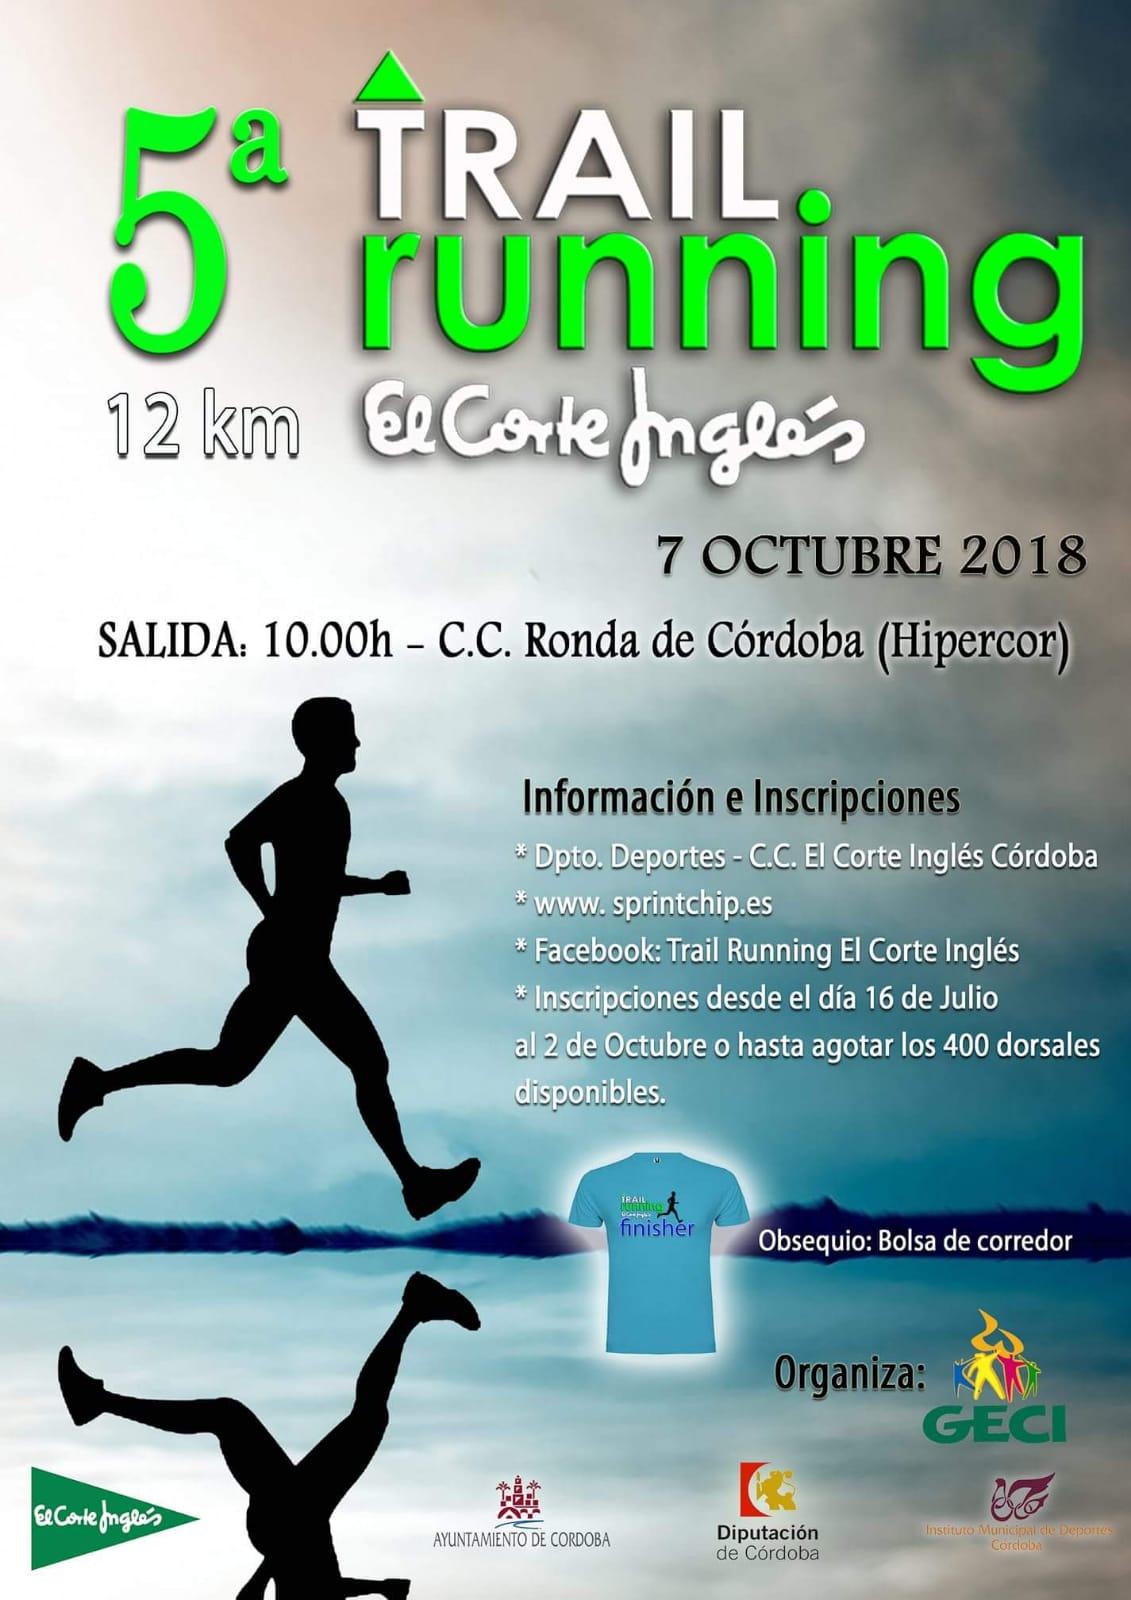 5ª Trail Running 'El Corte Inglés' - Sprint Chip